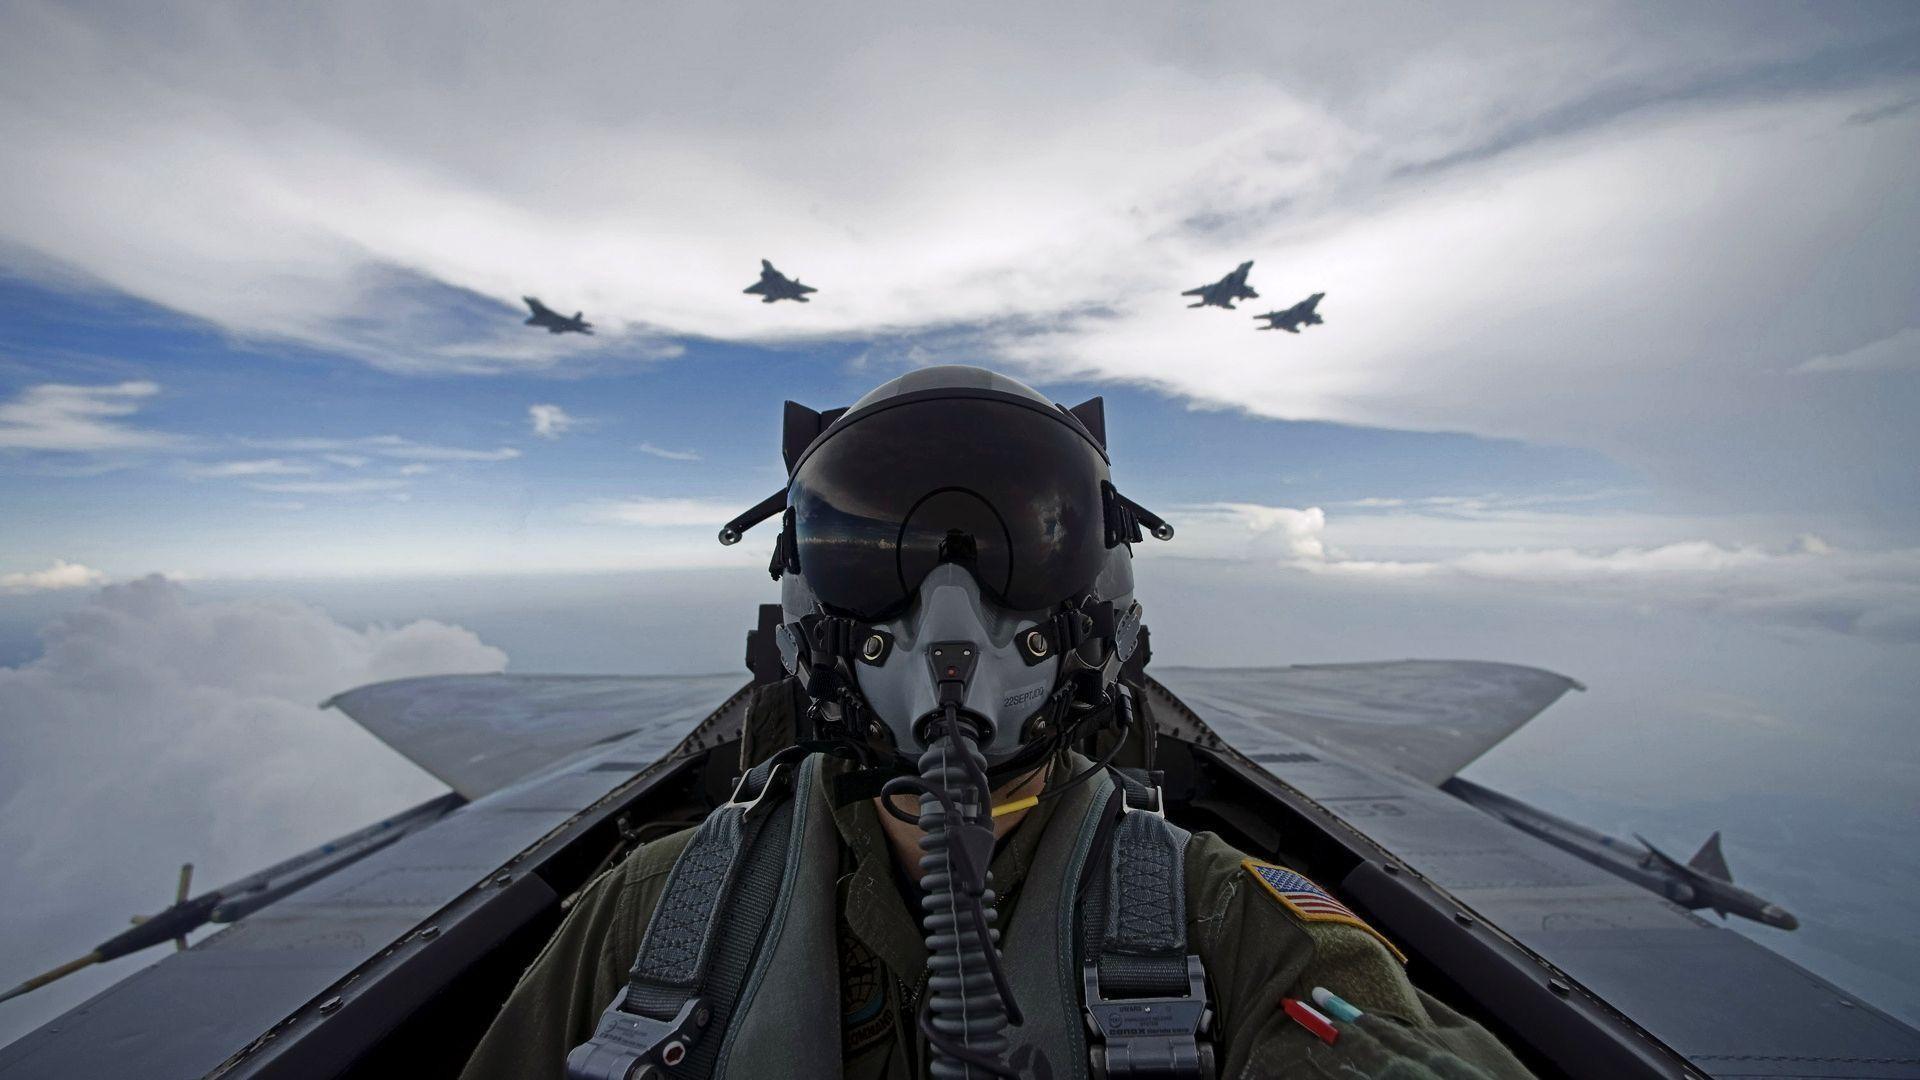 Airplane <b>Cockpit Wallpaper</b>, Airplane <b>Cockpit